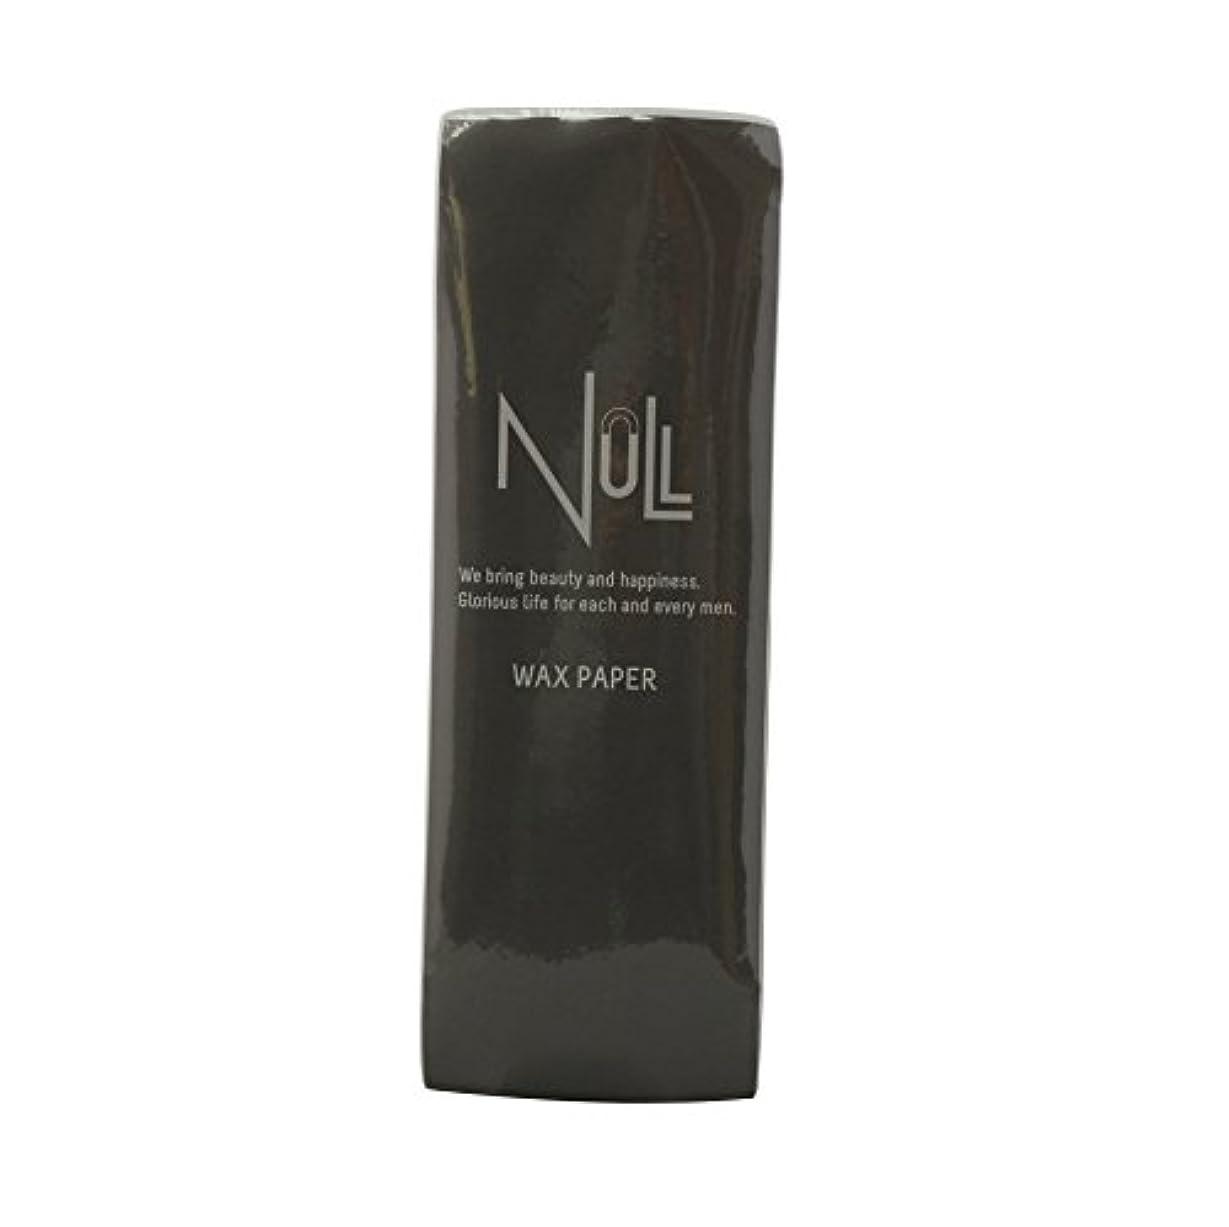 試み一生護衛NULL ブラジリアンワックス用ペーパー 100枚入り 70mm幅 ワックス脱毛 専用